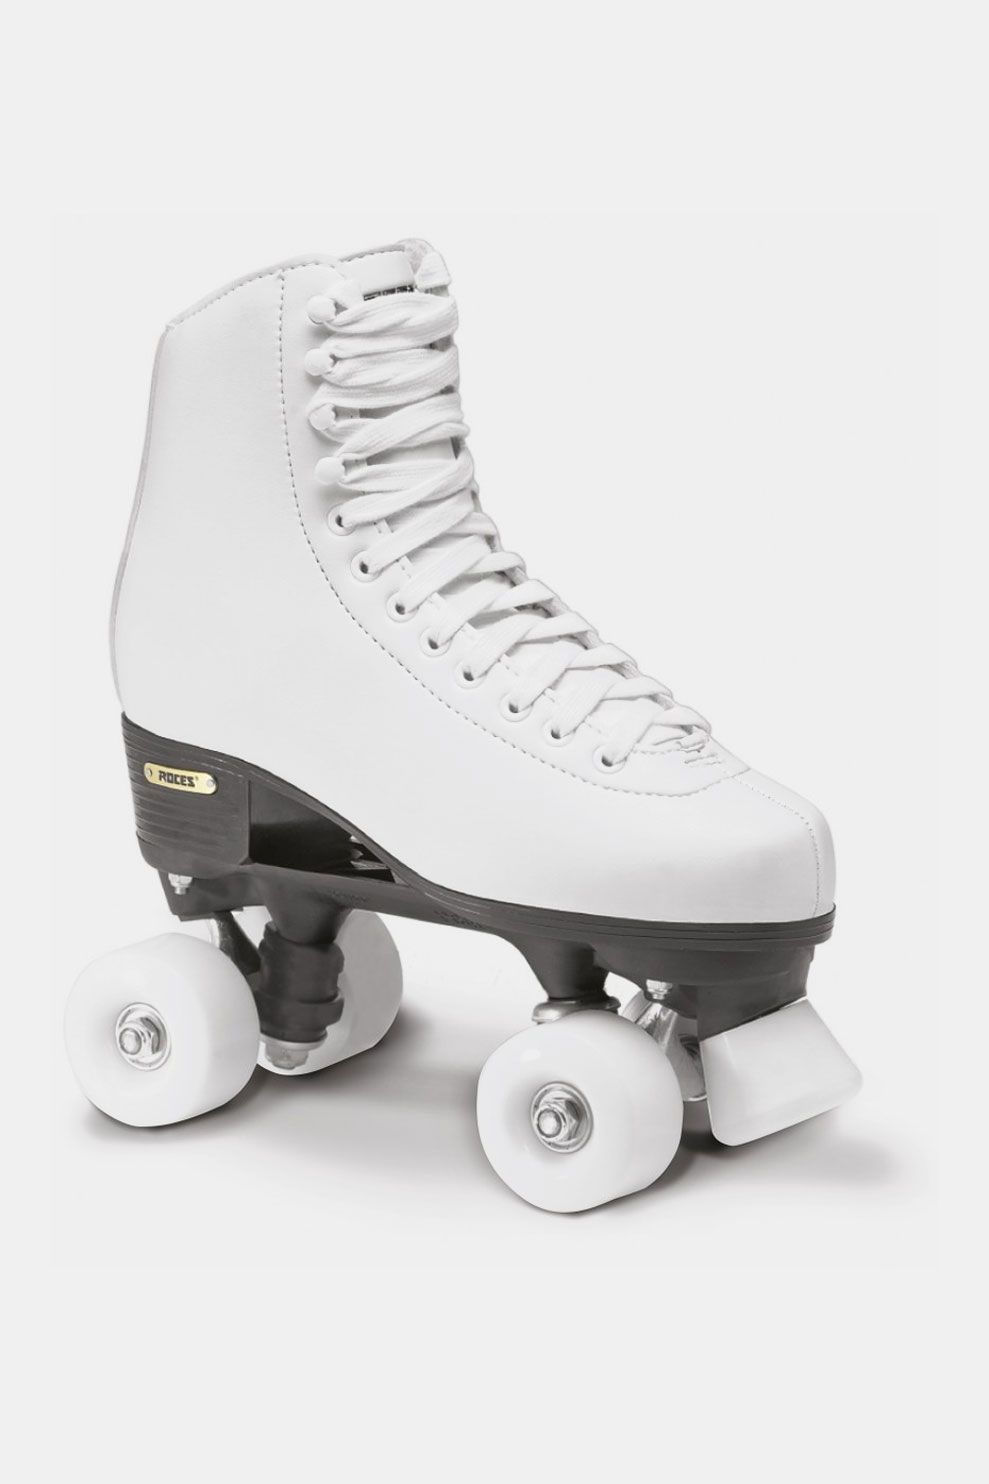 Roces RC1 Junior Rolschaatsen Wit